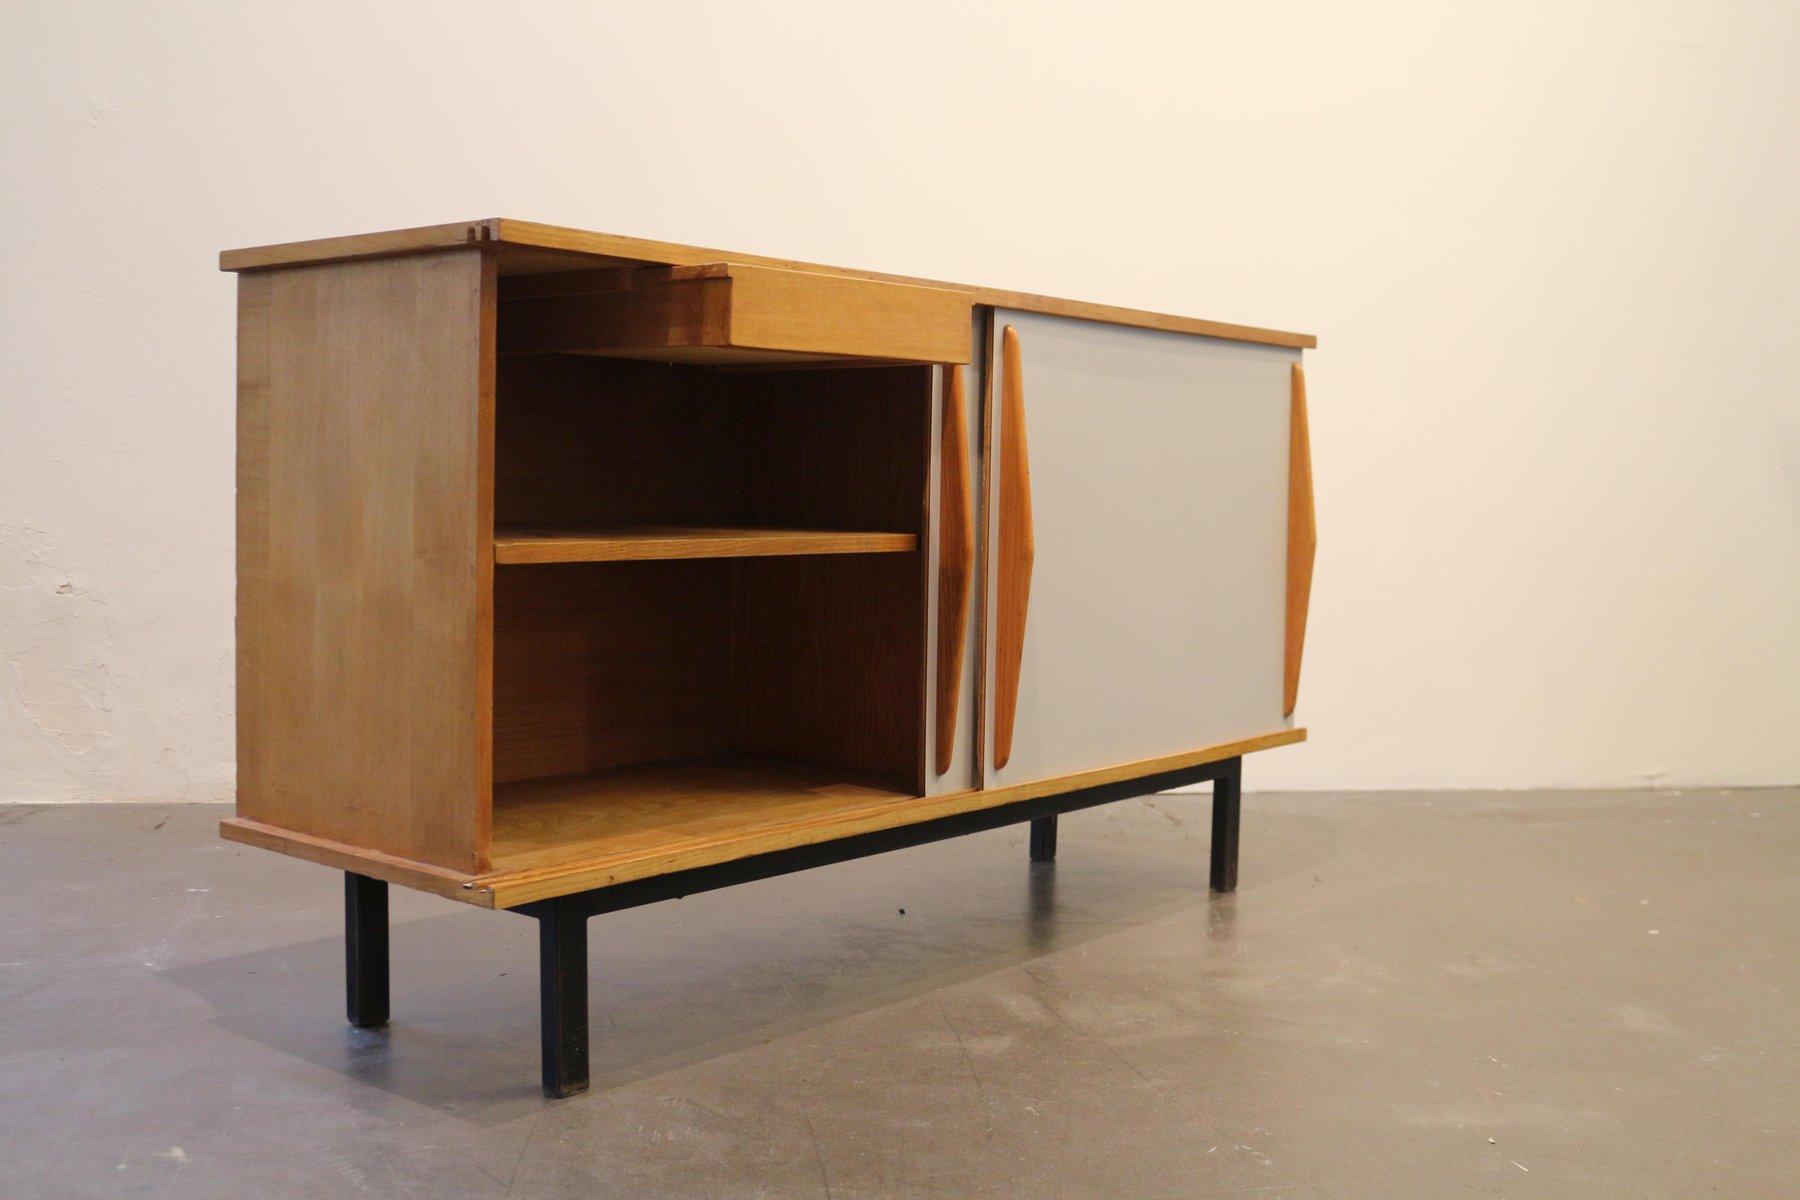 meuble mod le deux portes vintage par charlotte perriand. Black Bedroom Furniture Sets. Home Design Ideas